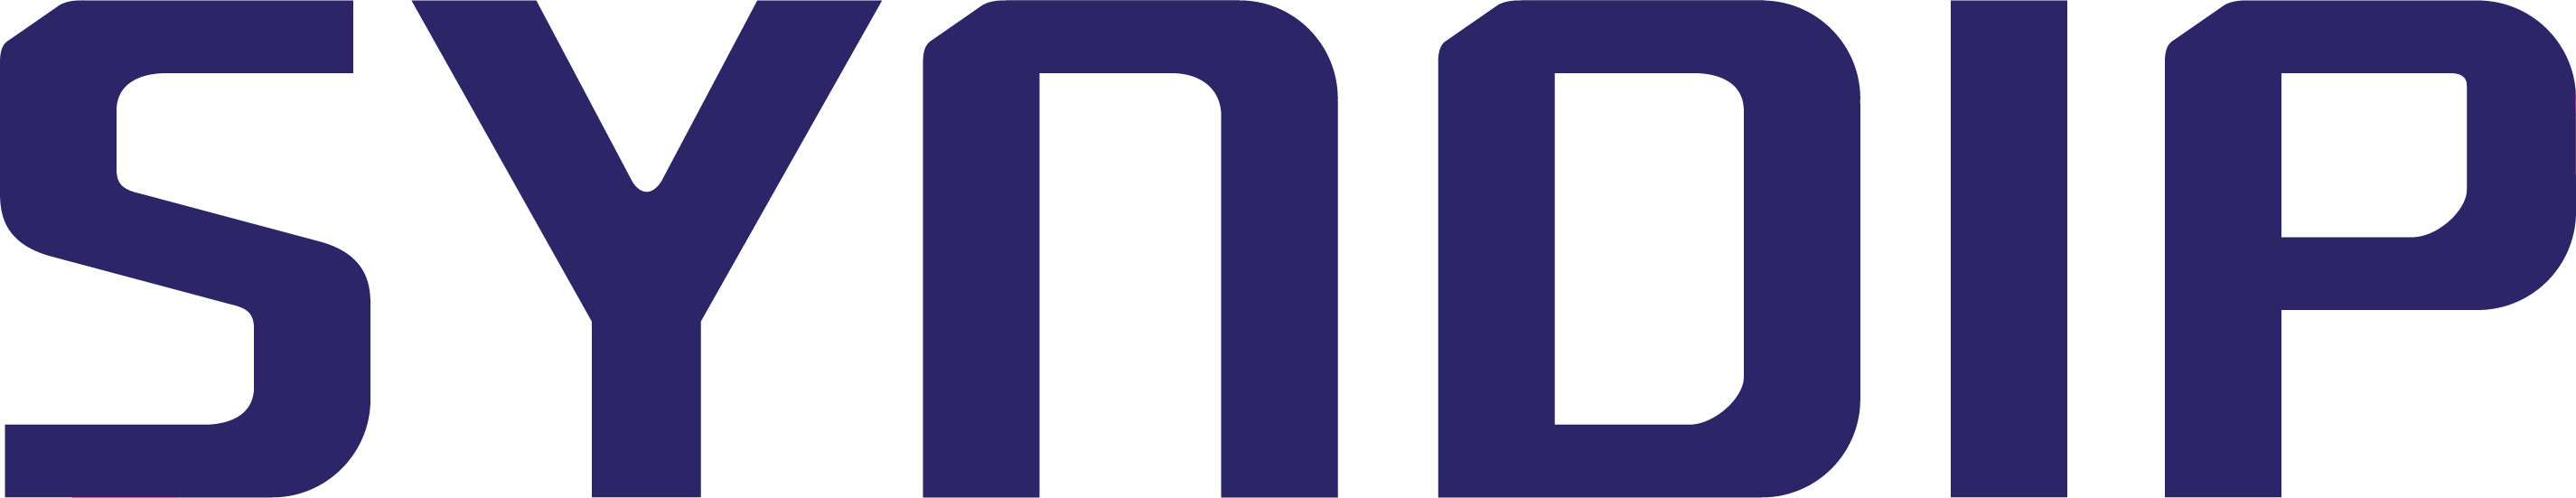 한국알콜산업의 계열사 (주)신디프의 로고